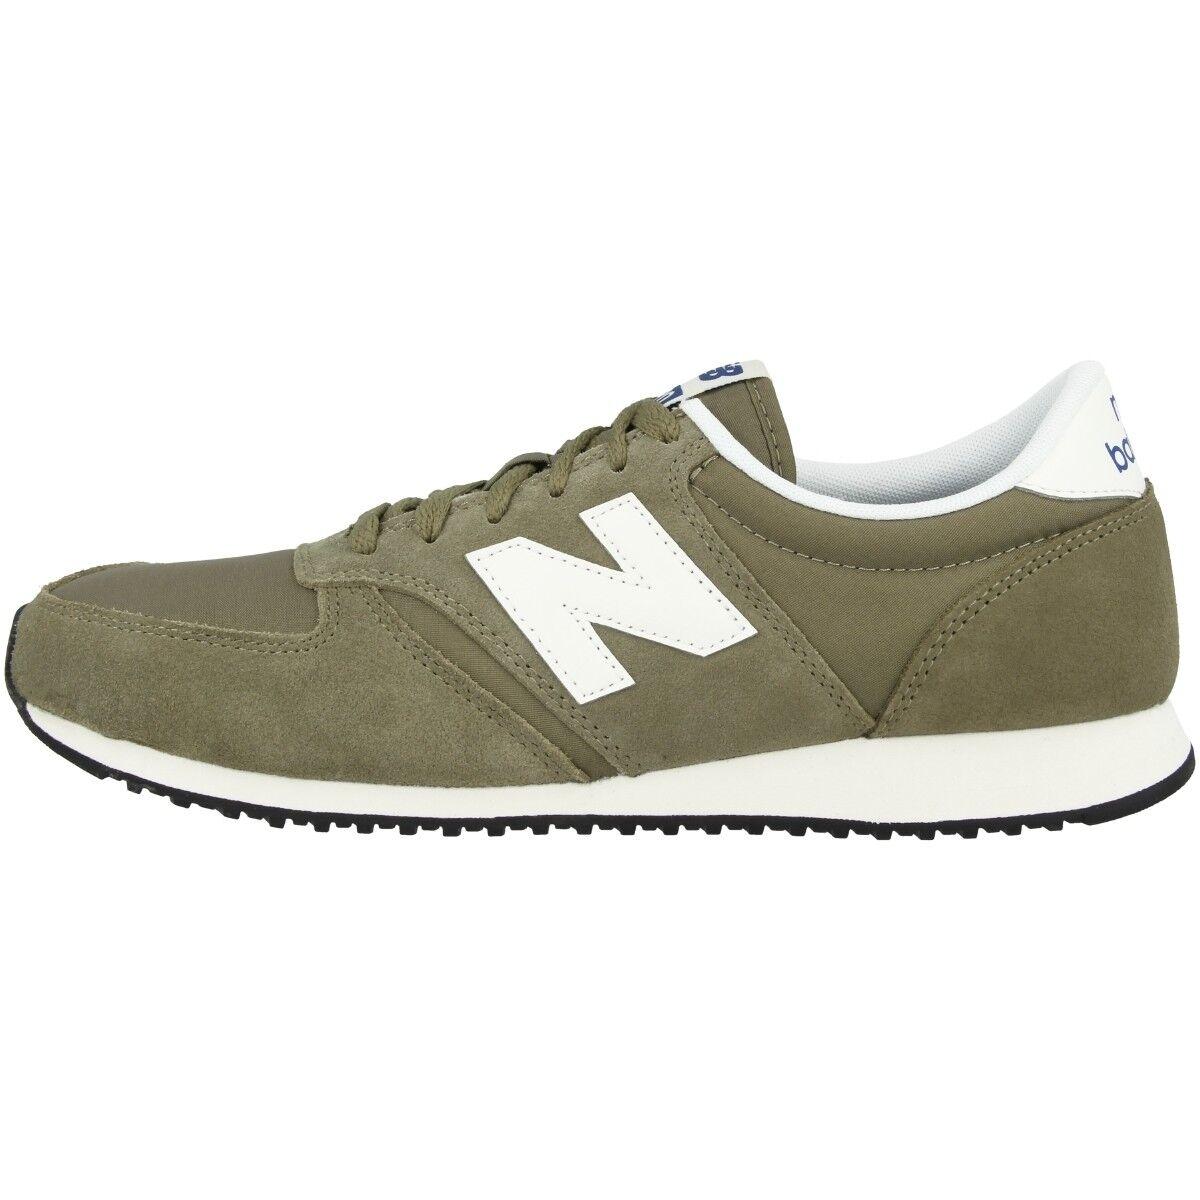 NEU Balance U 420 GRB Schuhe Freizeit Sneaker Klassiker green off WEISS U420GRB